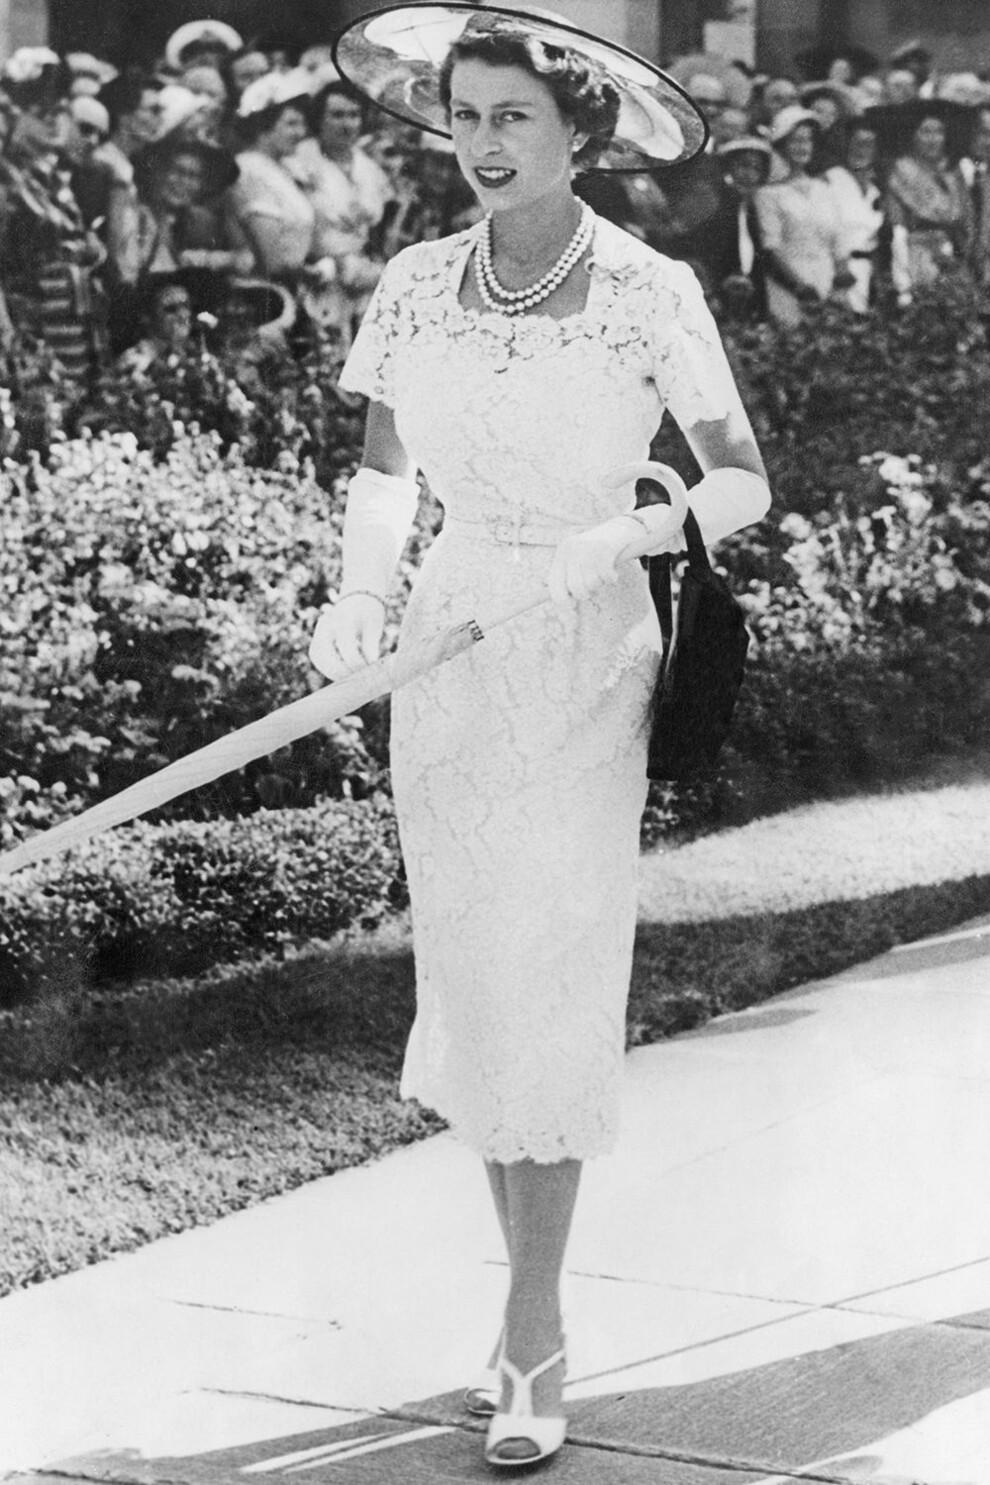 67 лет на троне: редкие фотографии королевы Елизаветы II